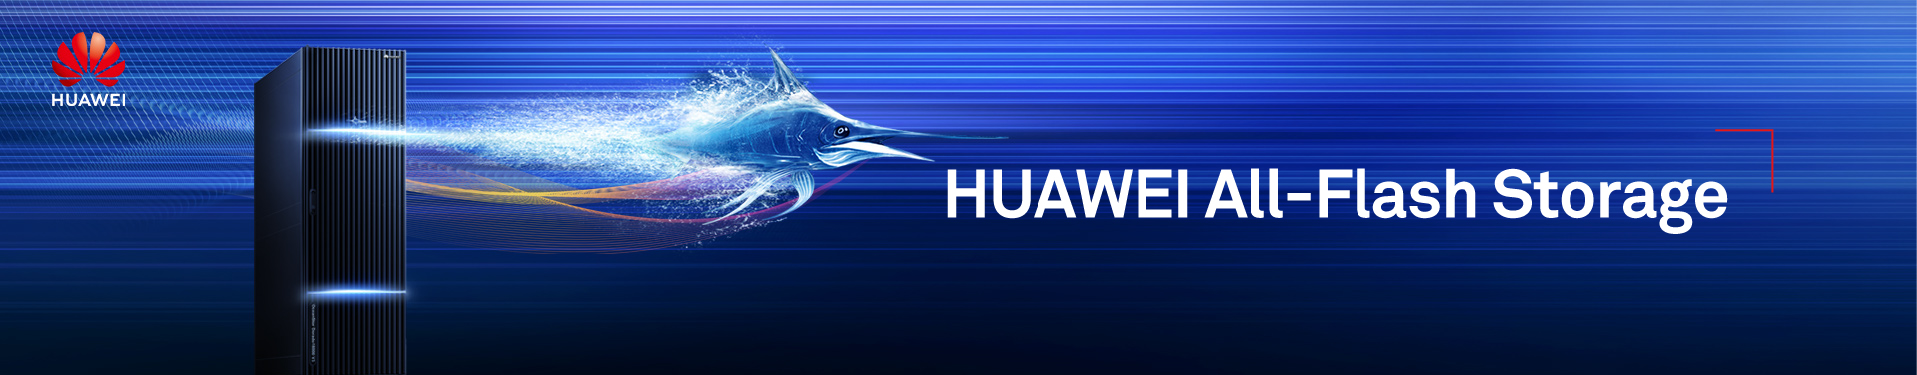 2019 10 Huawei WB